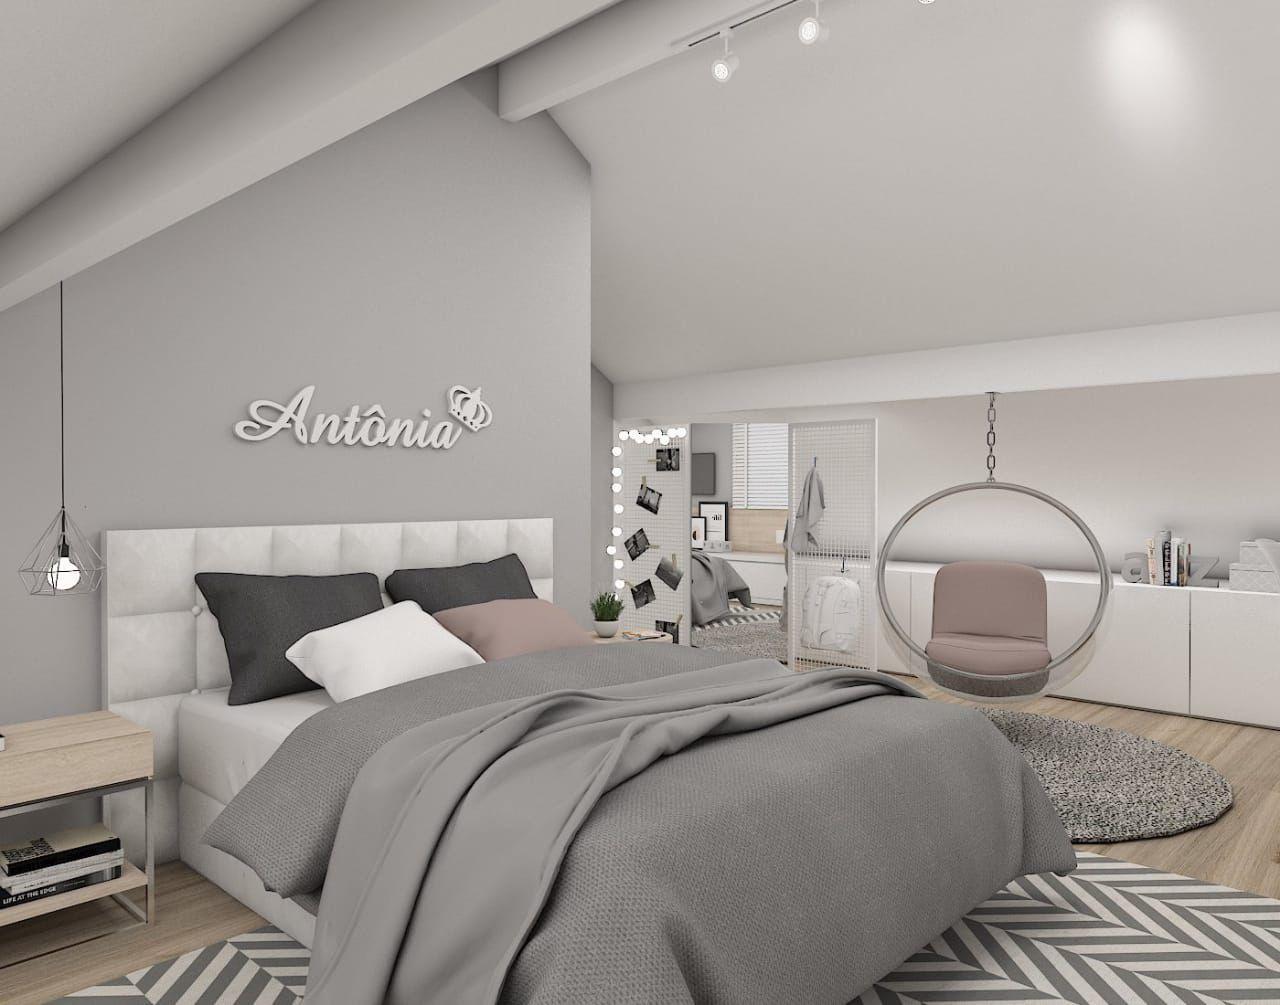 Pin by sandra villegas on recamaras in pinterest bedroom